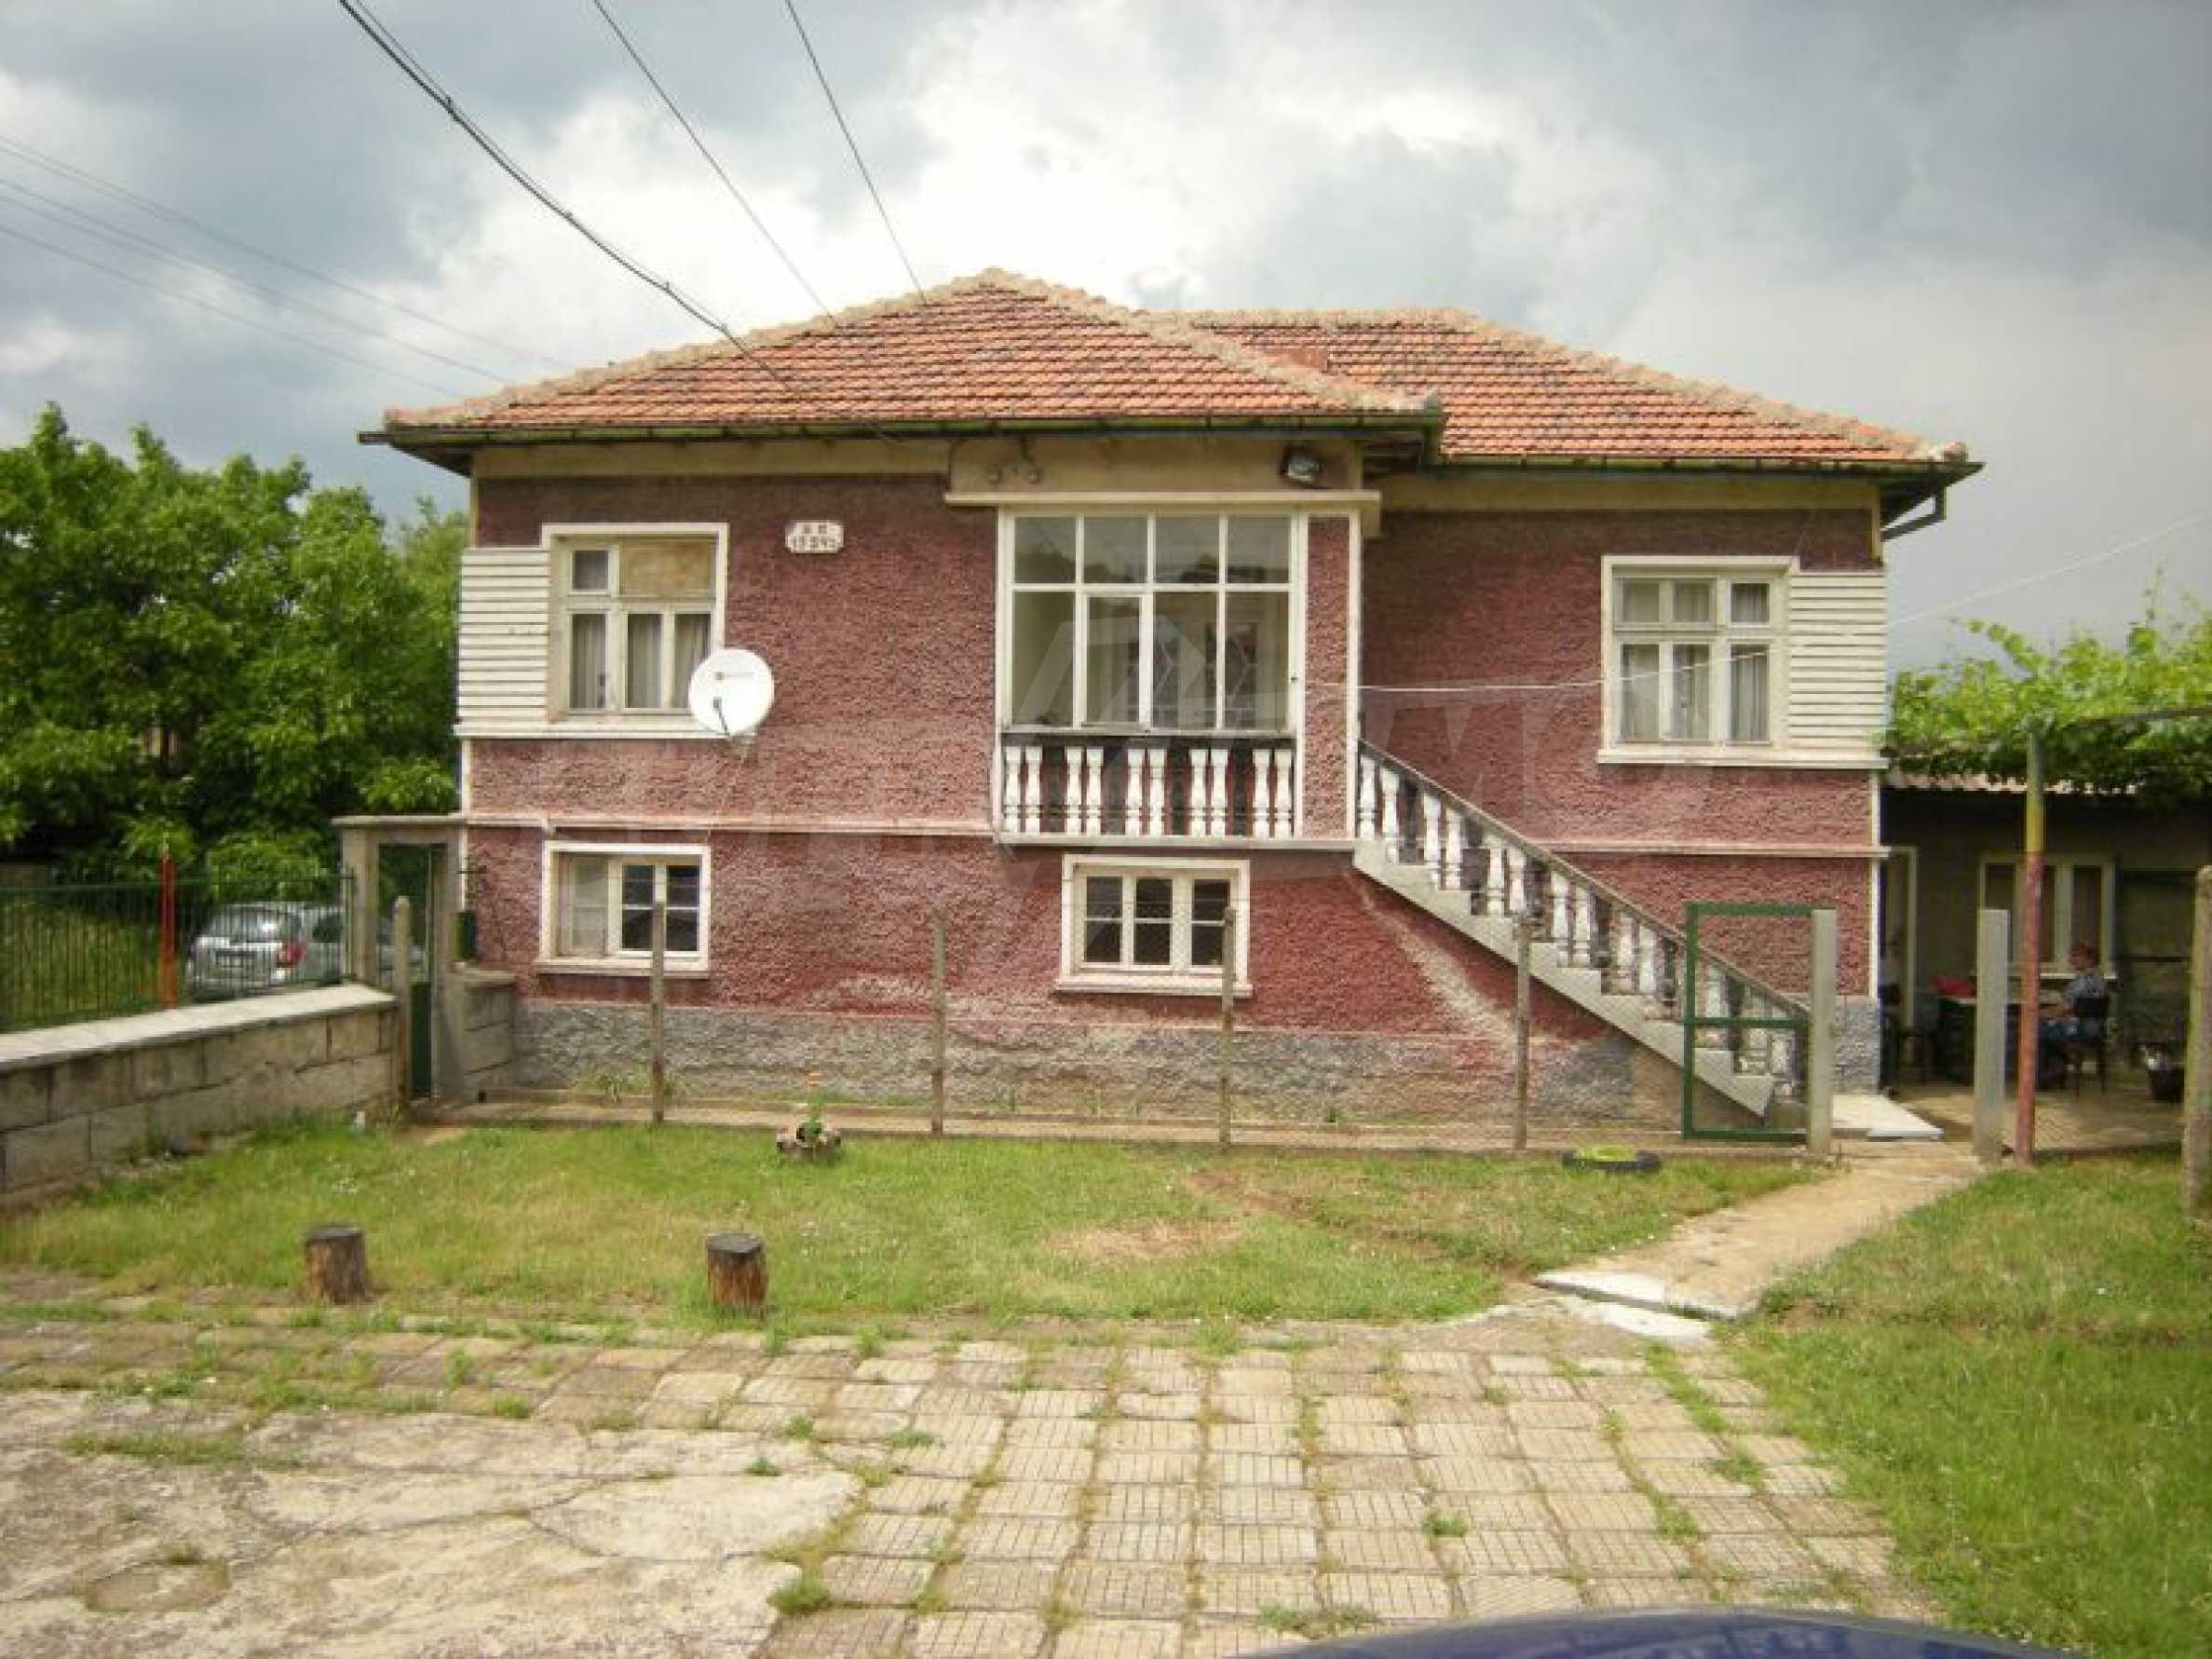 House for sale near Haskovo